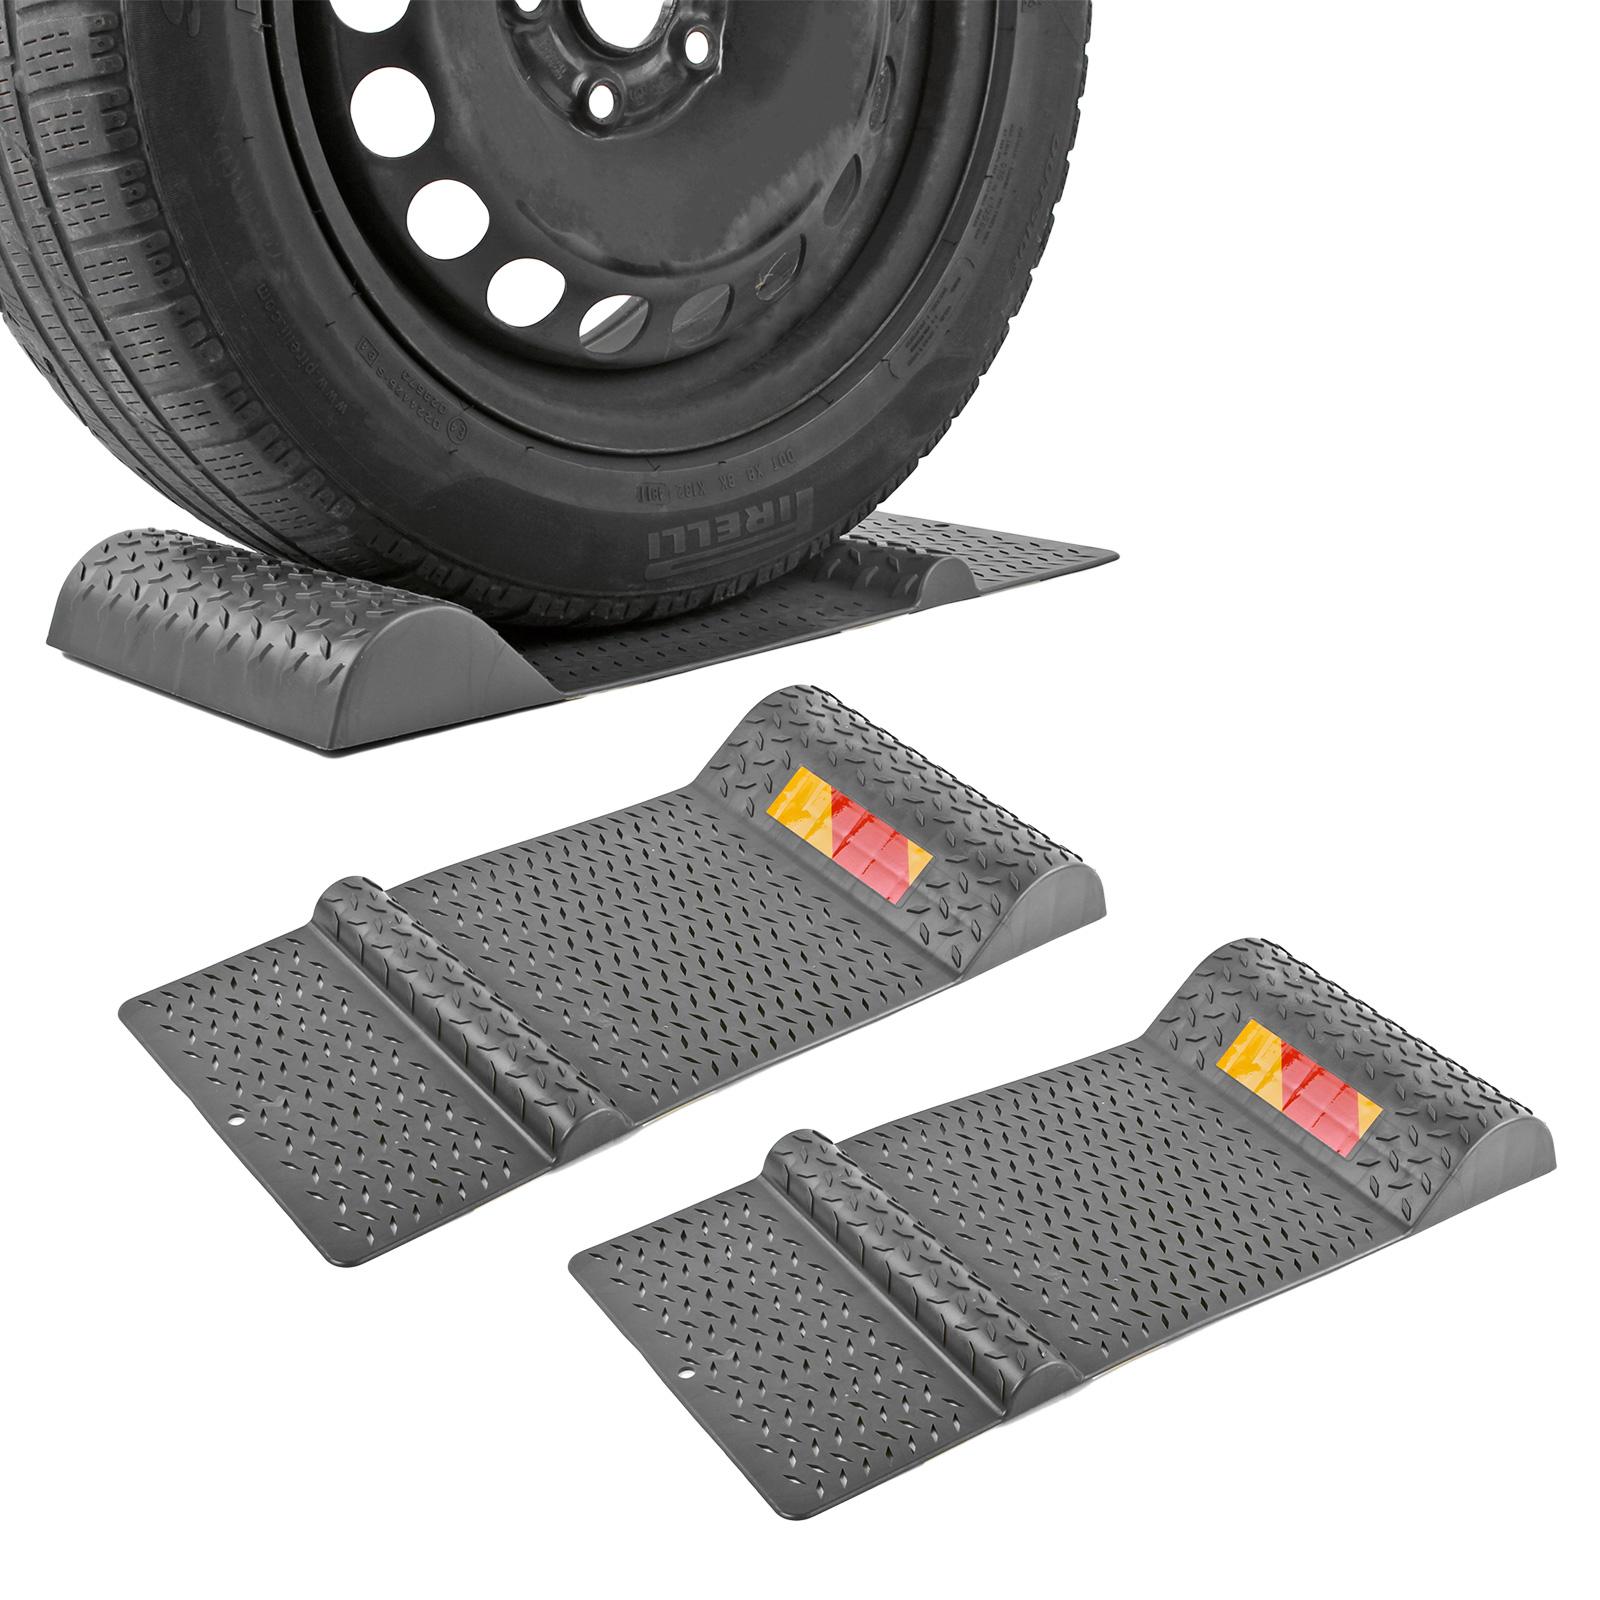 2x Parkmatte Grau 52 x 25 cm selbstklebend rutschfest Einparkhilfe